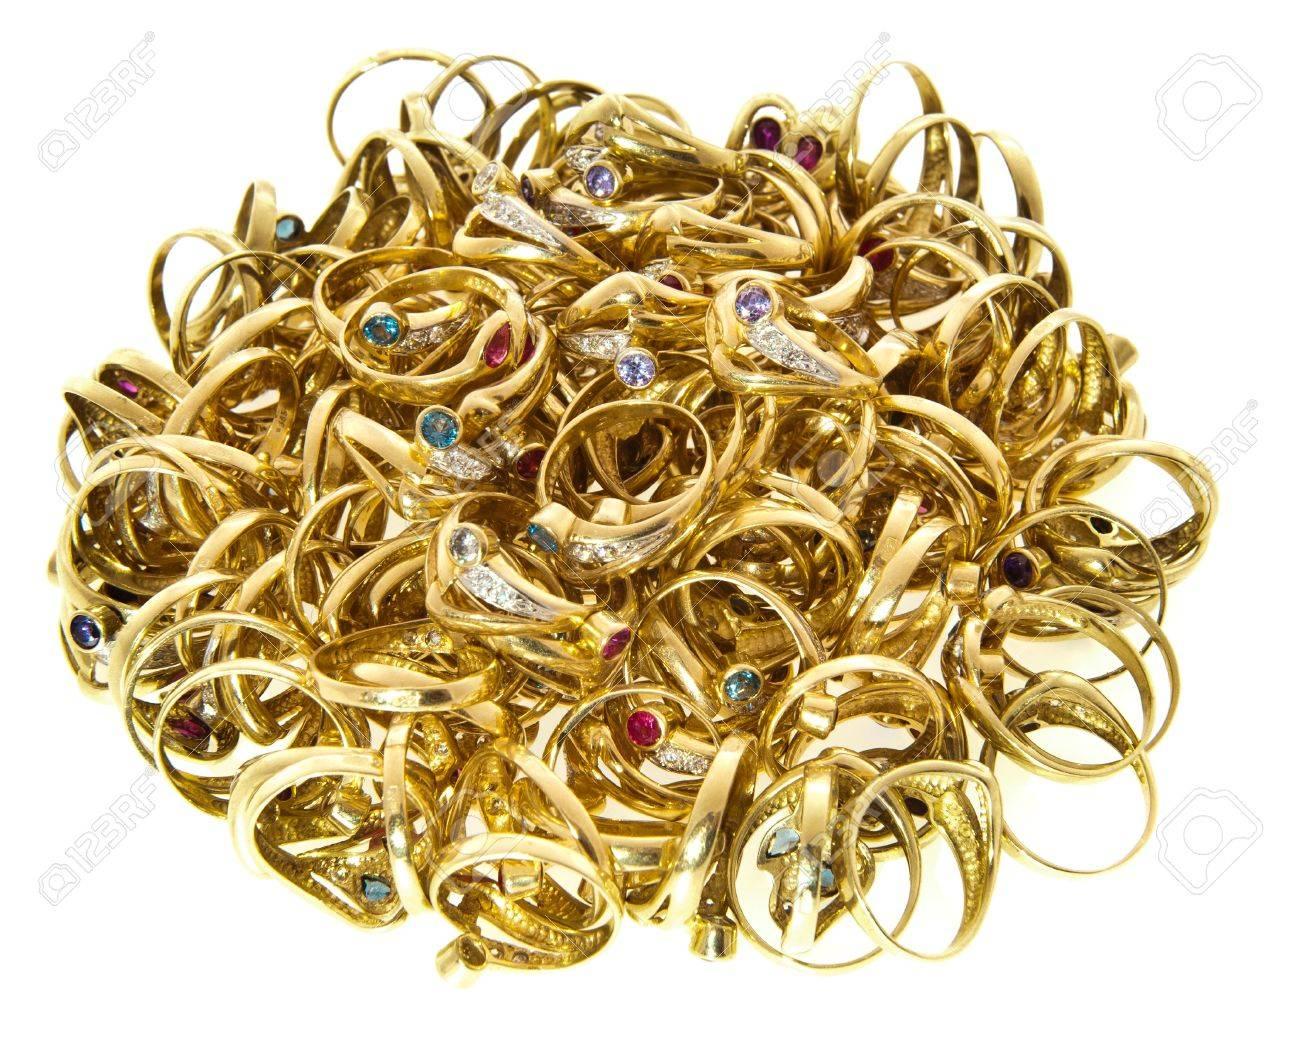 Bulk of golden rings Stock Photo - 9062262